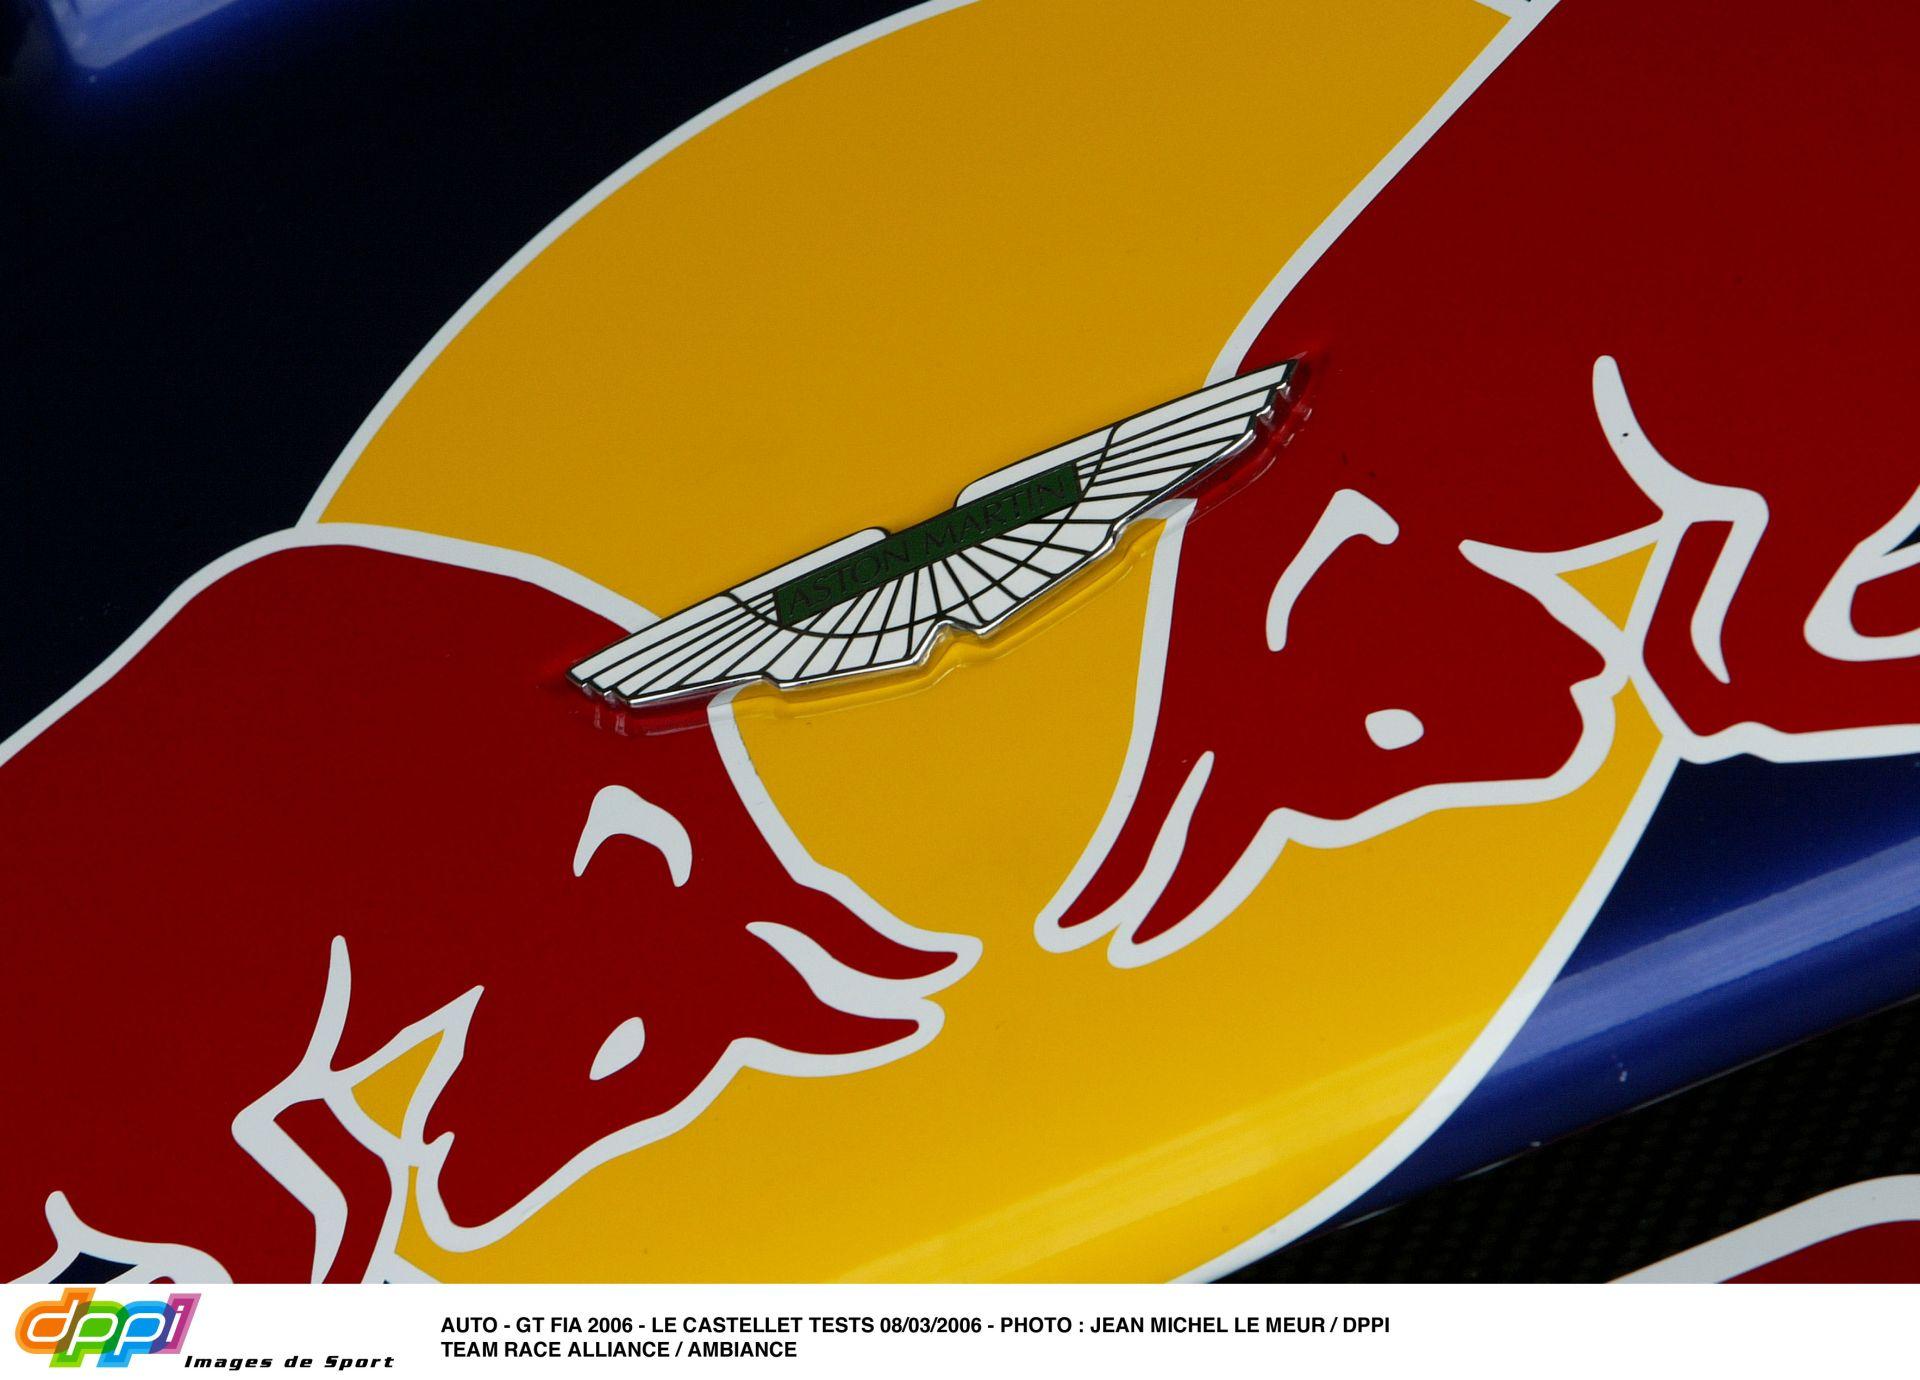 Nagy fordulat a Forma-1-ben: megállapodott egymással az Aston Martin és a Red Bull